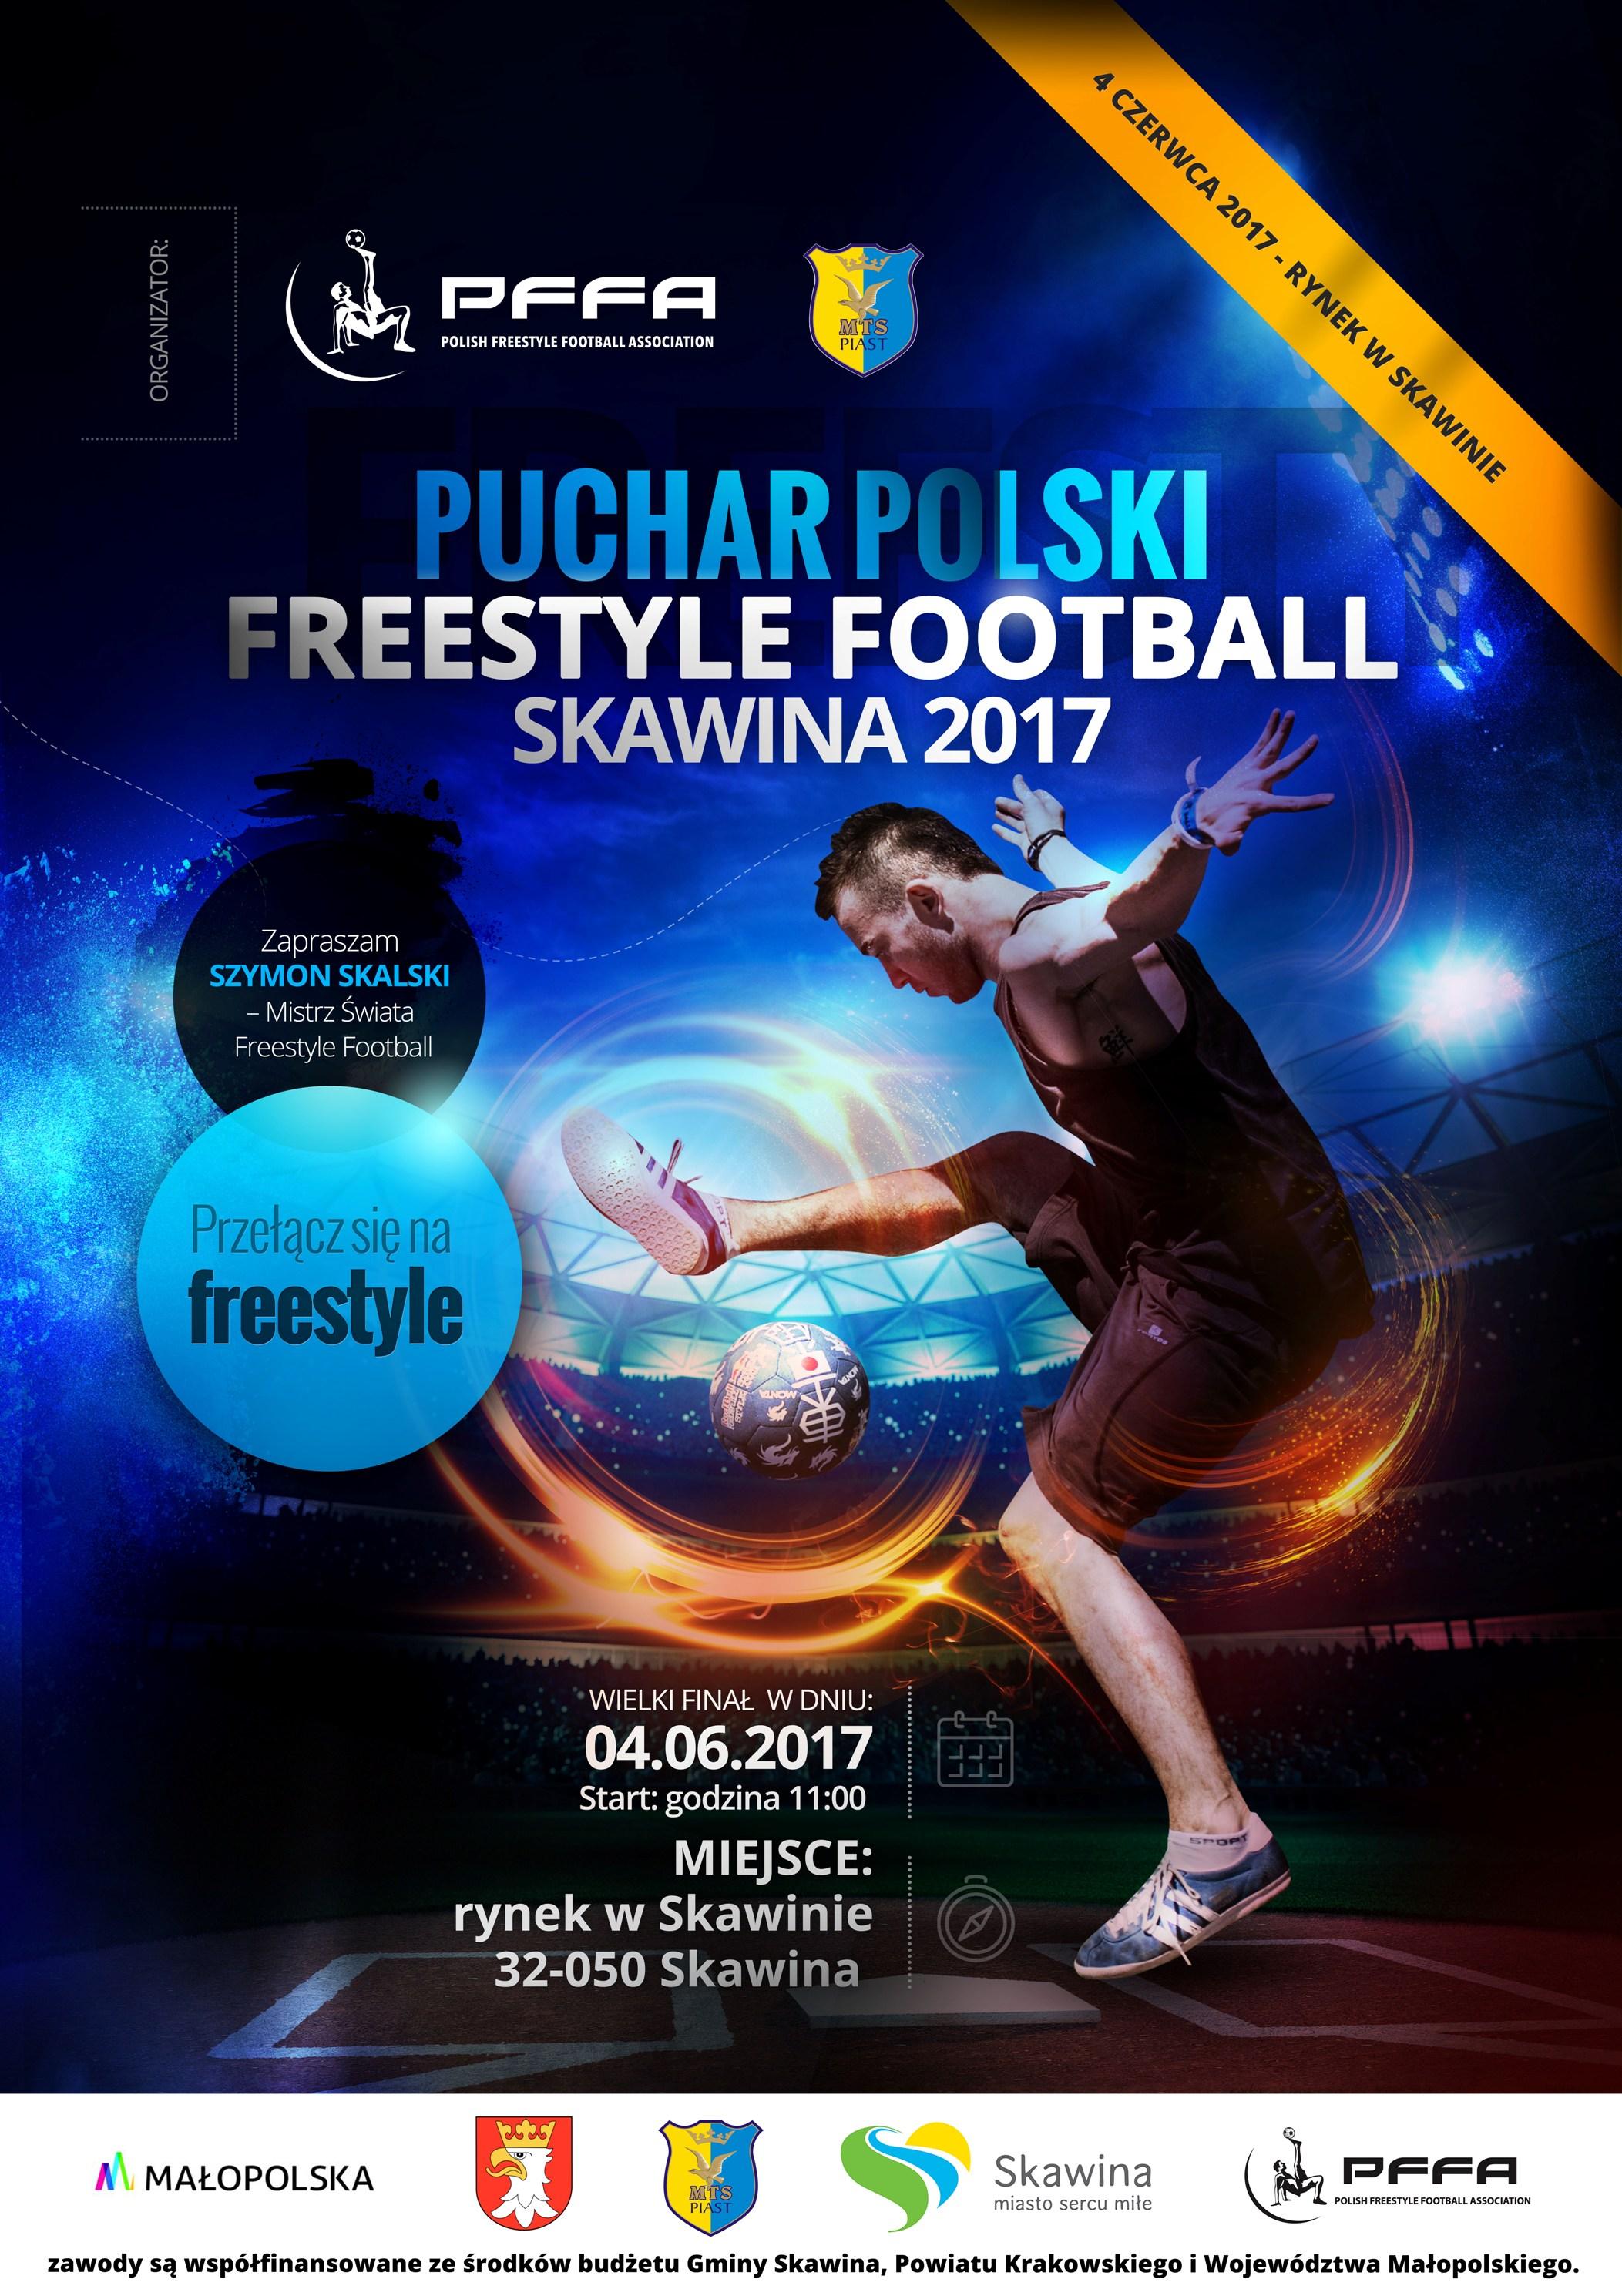 Puchar Polski Freestyle Football Skawina 2017 @ Skawina | małopolskie | Polska